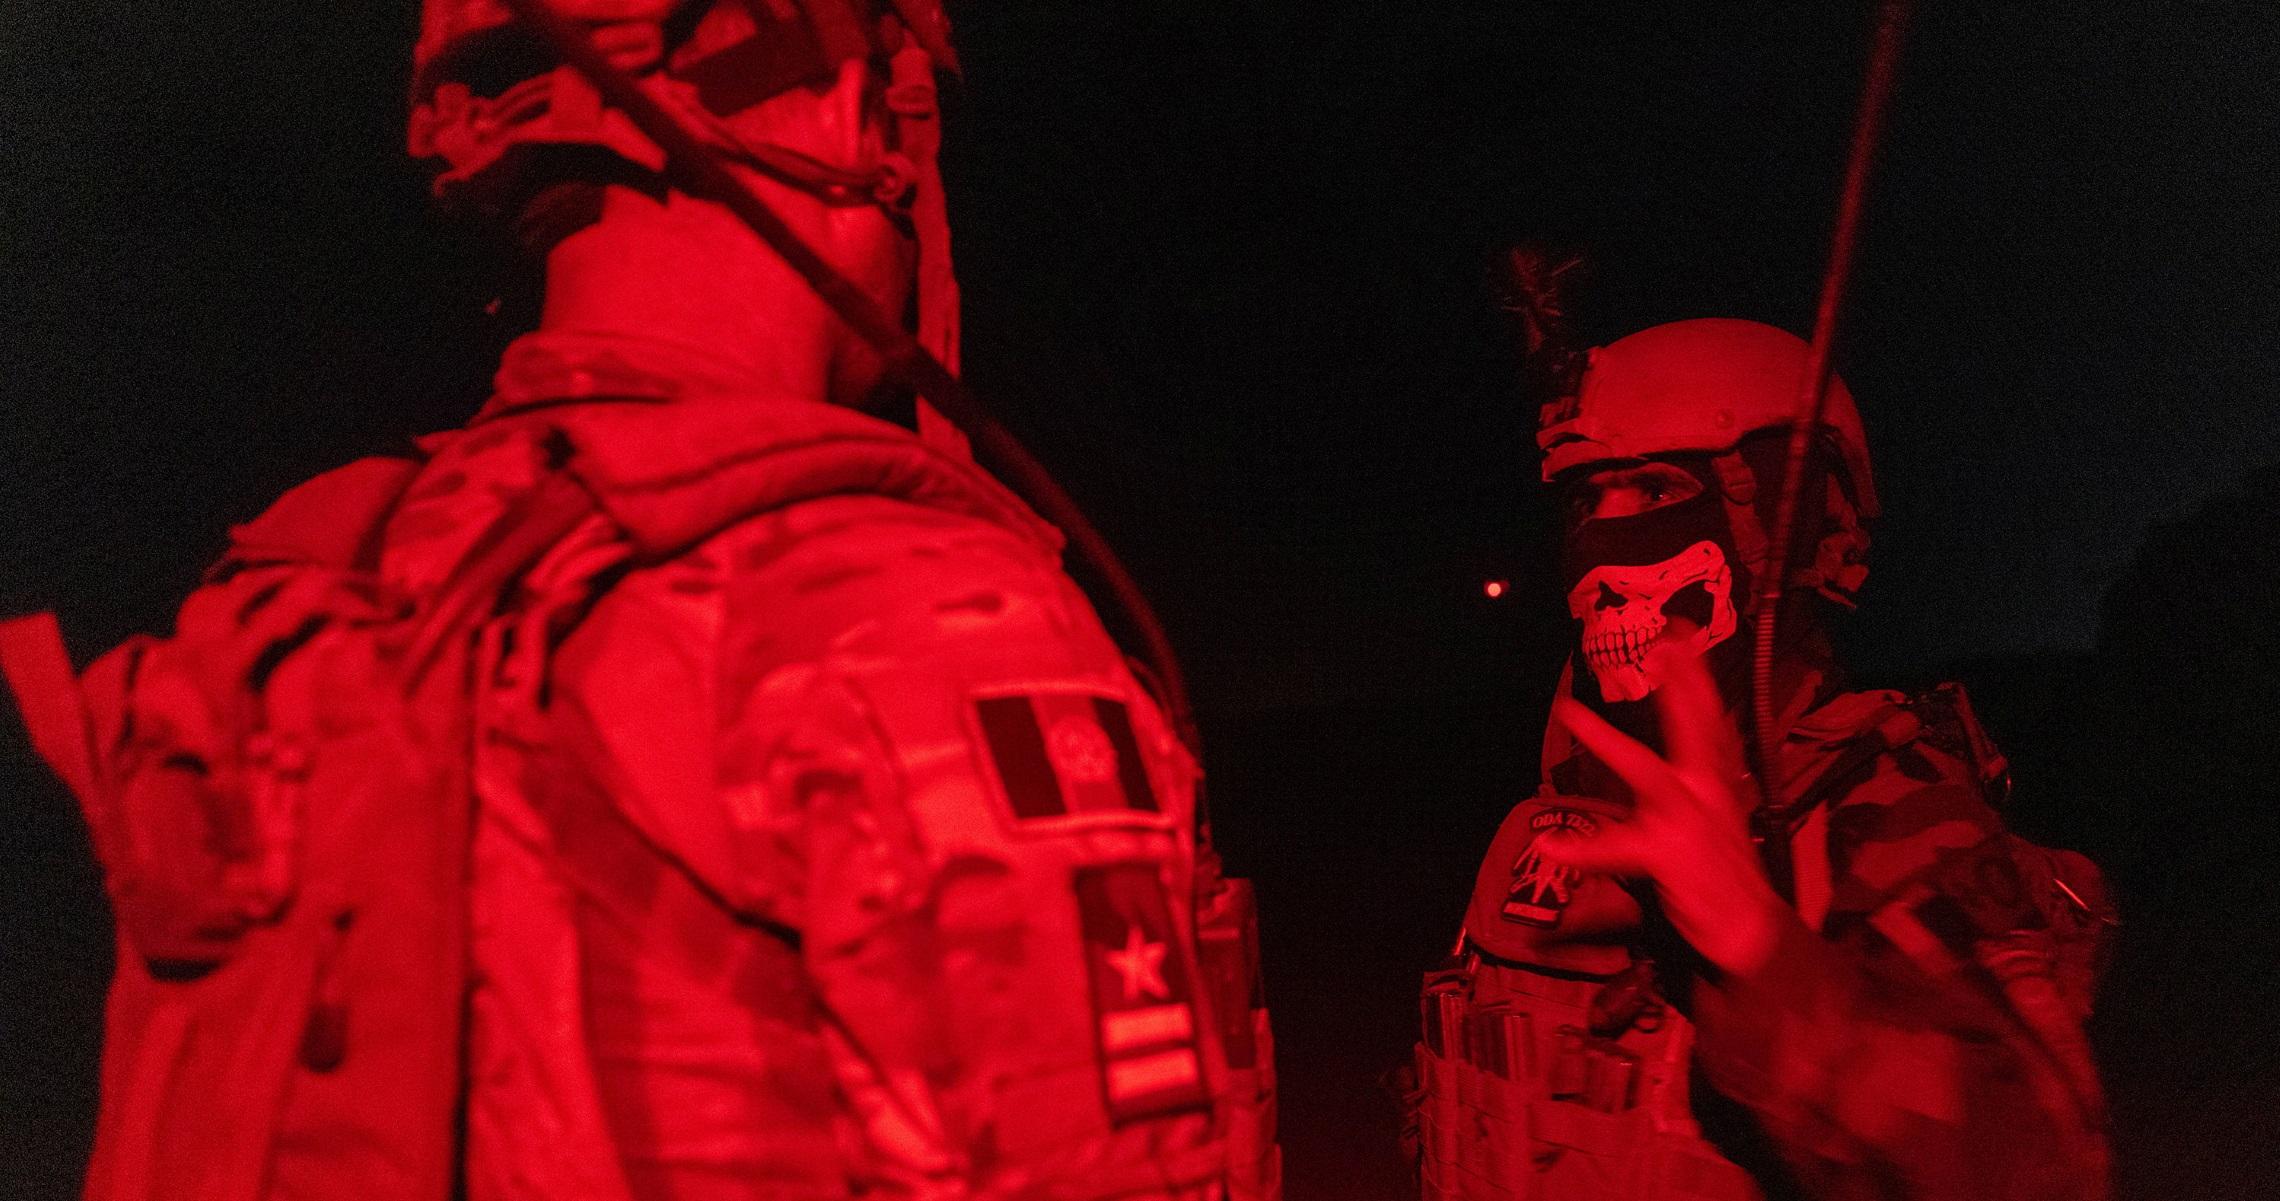 Ραγδαίες εξελίξεις στο Αφγανιστάν: Σκότωσαν τον αρχηγό κατασκοπείας των Ταλιμπάν!